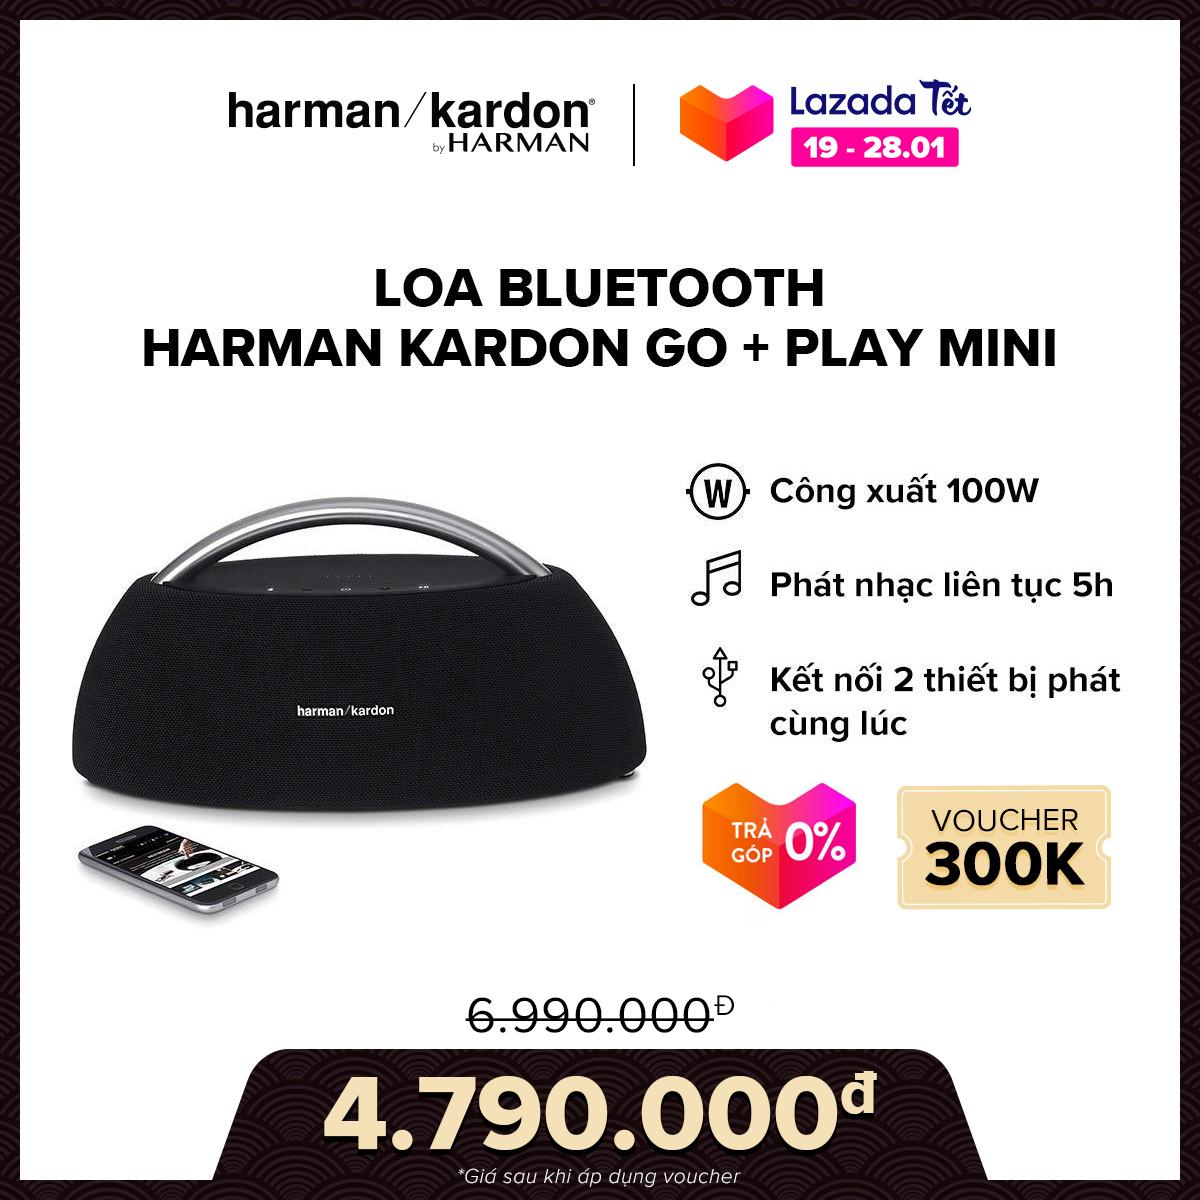 [VOUCHER 300K – TRẢ GÓP 0%] Loa Bluetooth Harman Kardon Go + Play mini l 4 Driver công suất khủng 100W l Pin 2200 mAh l Nghe nhạc liên tục 8h l HÀNG CHÍNH HÃNG